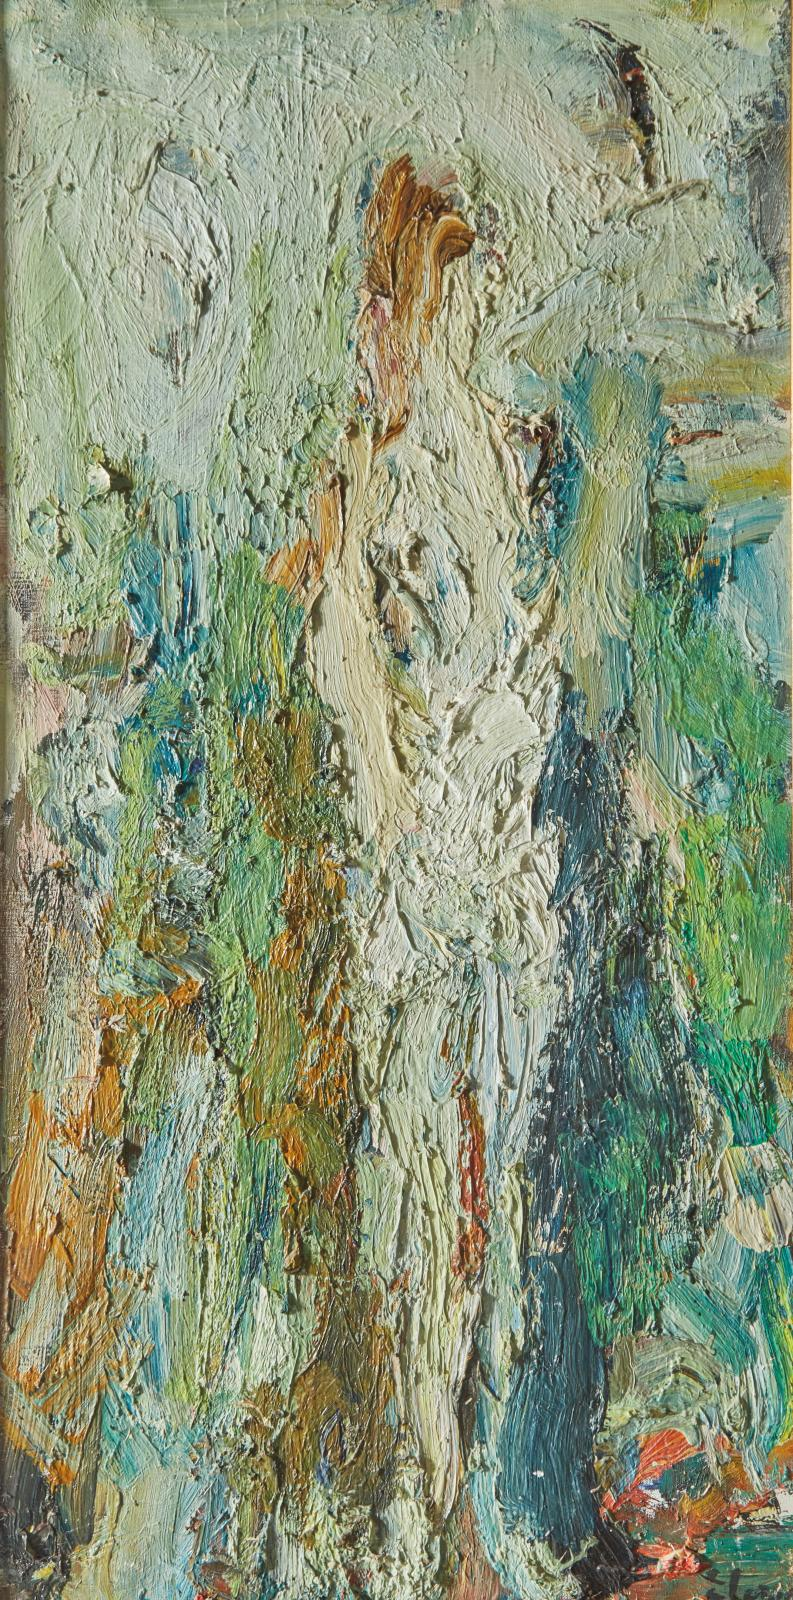 Incontournable à Lille, Eugène Leroy (1910-2000) y sera une nouvelle fois présent avec une œuvre à la frontière entre figuration et abstr